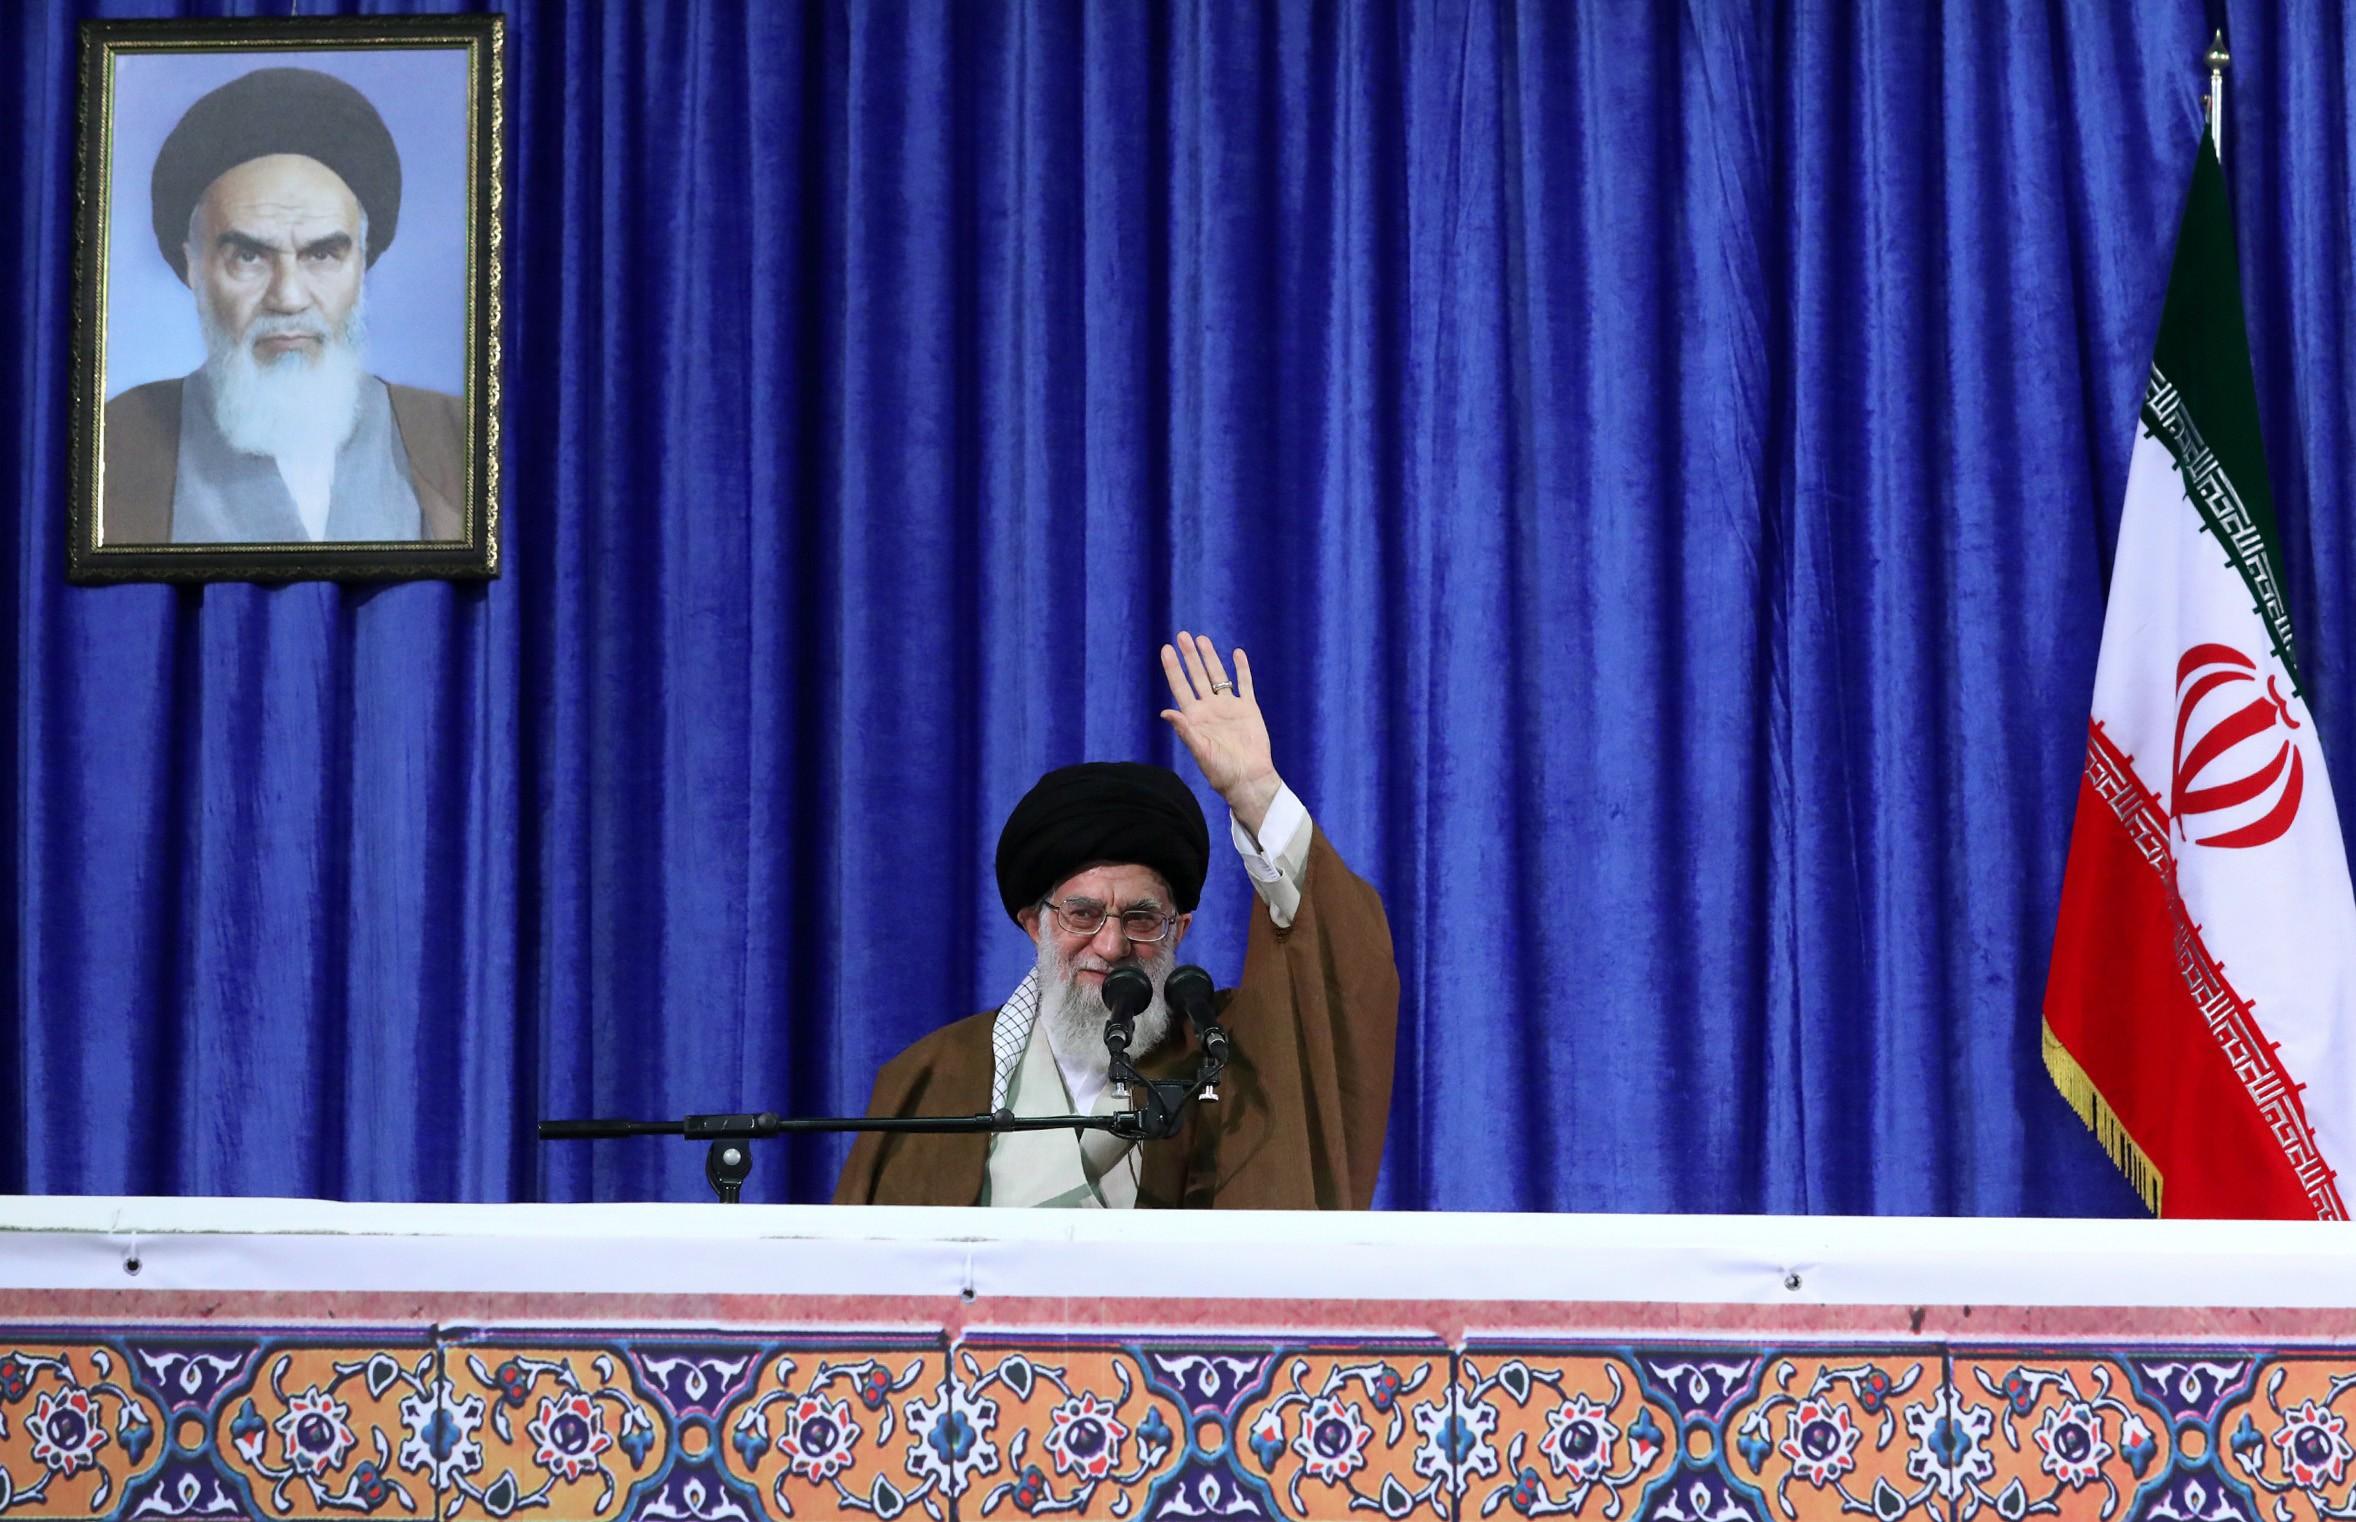 Aiatolá culpa Estados árabes apoiados pelos EUA por ataque em parada militar no Irã